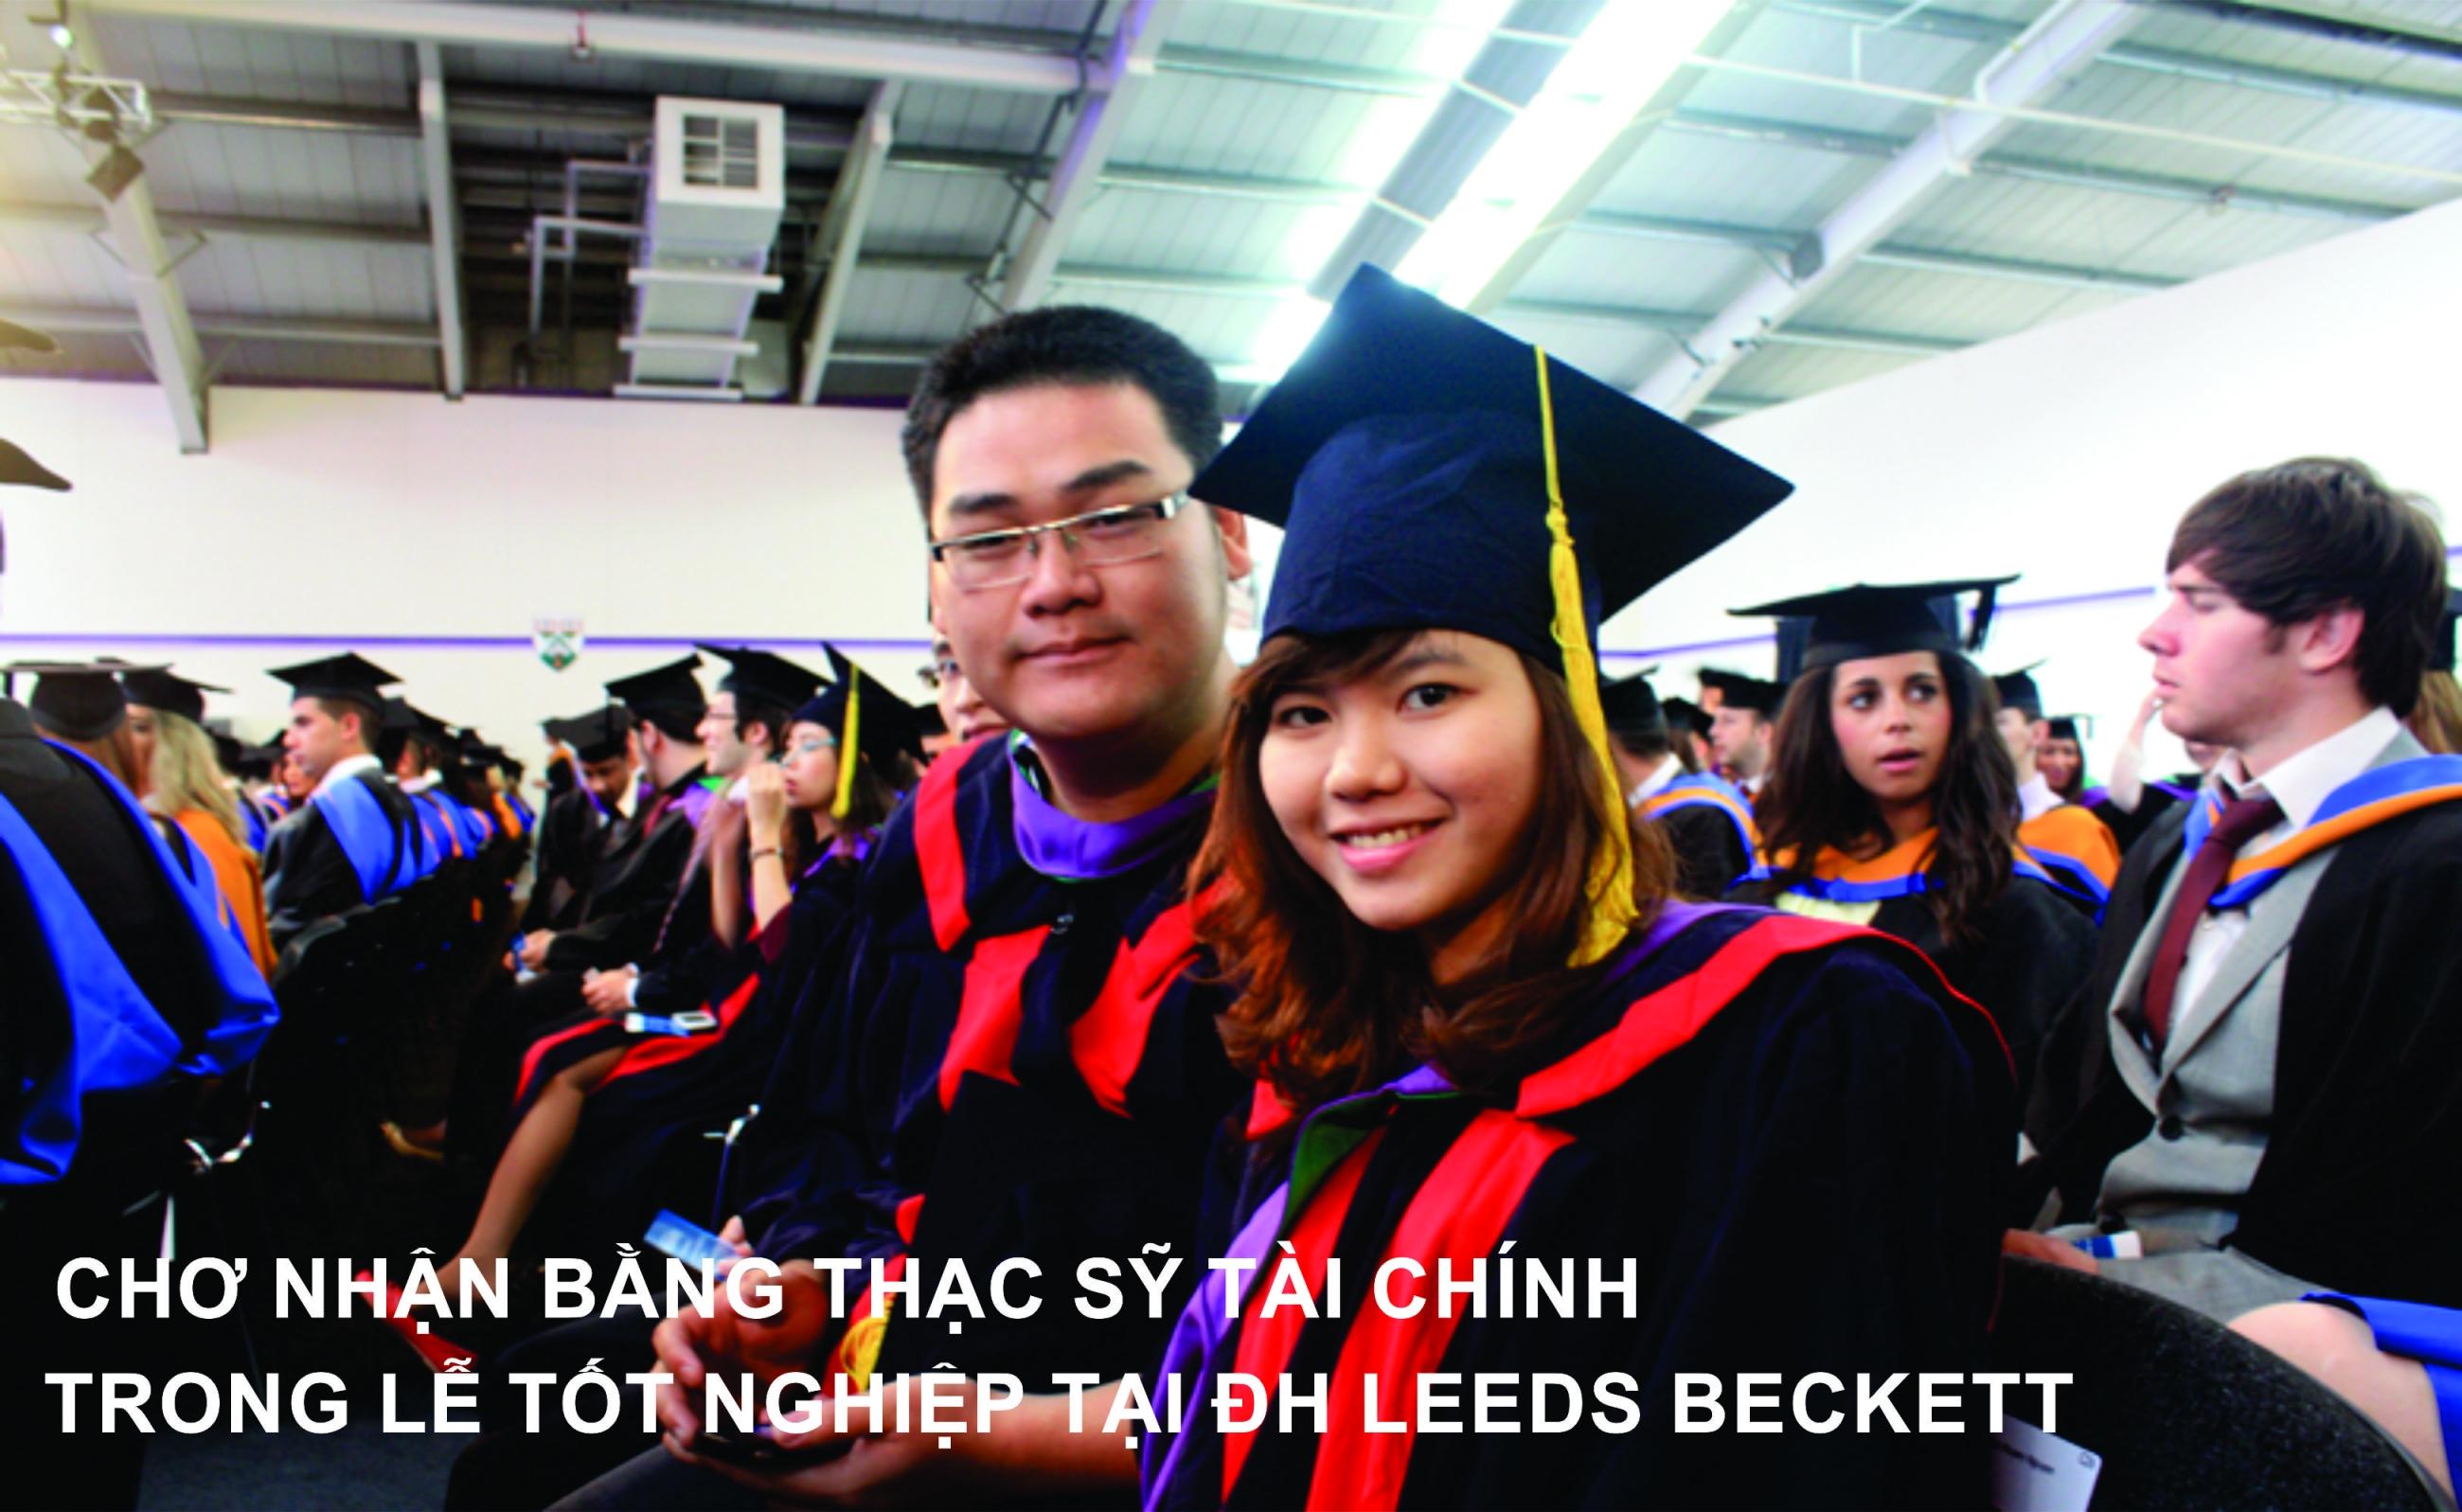 Học viên Thạc sỹ Tài chính chờ nhận bằng ở Leeds Beckett